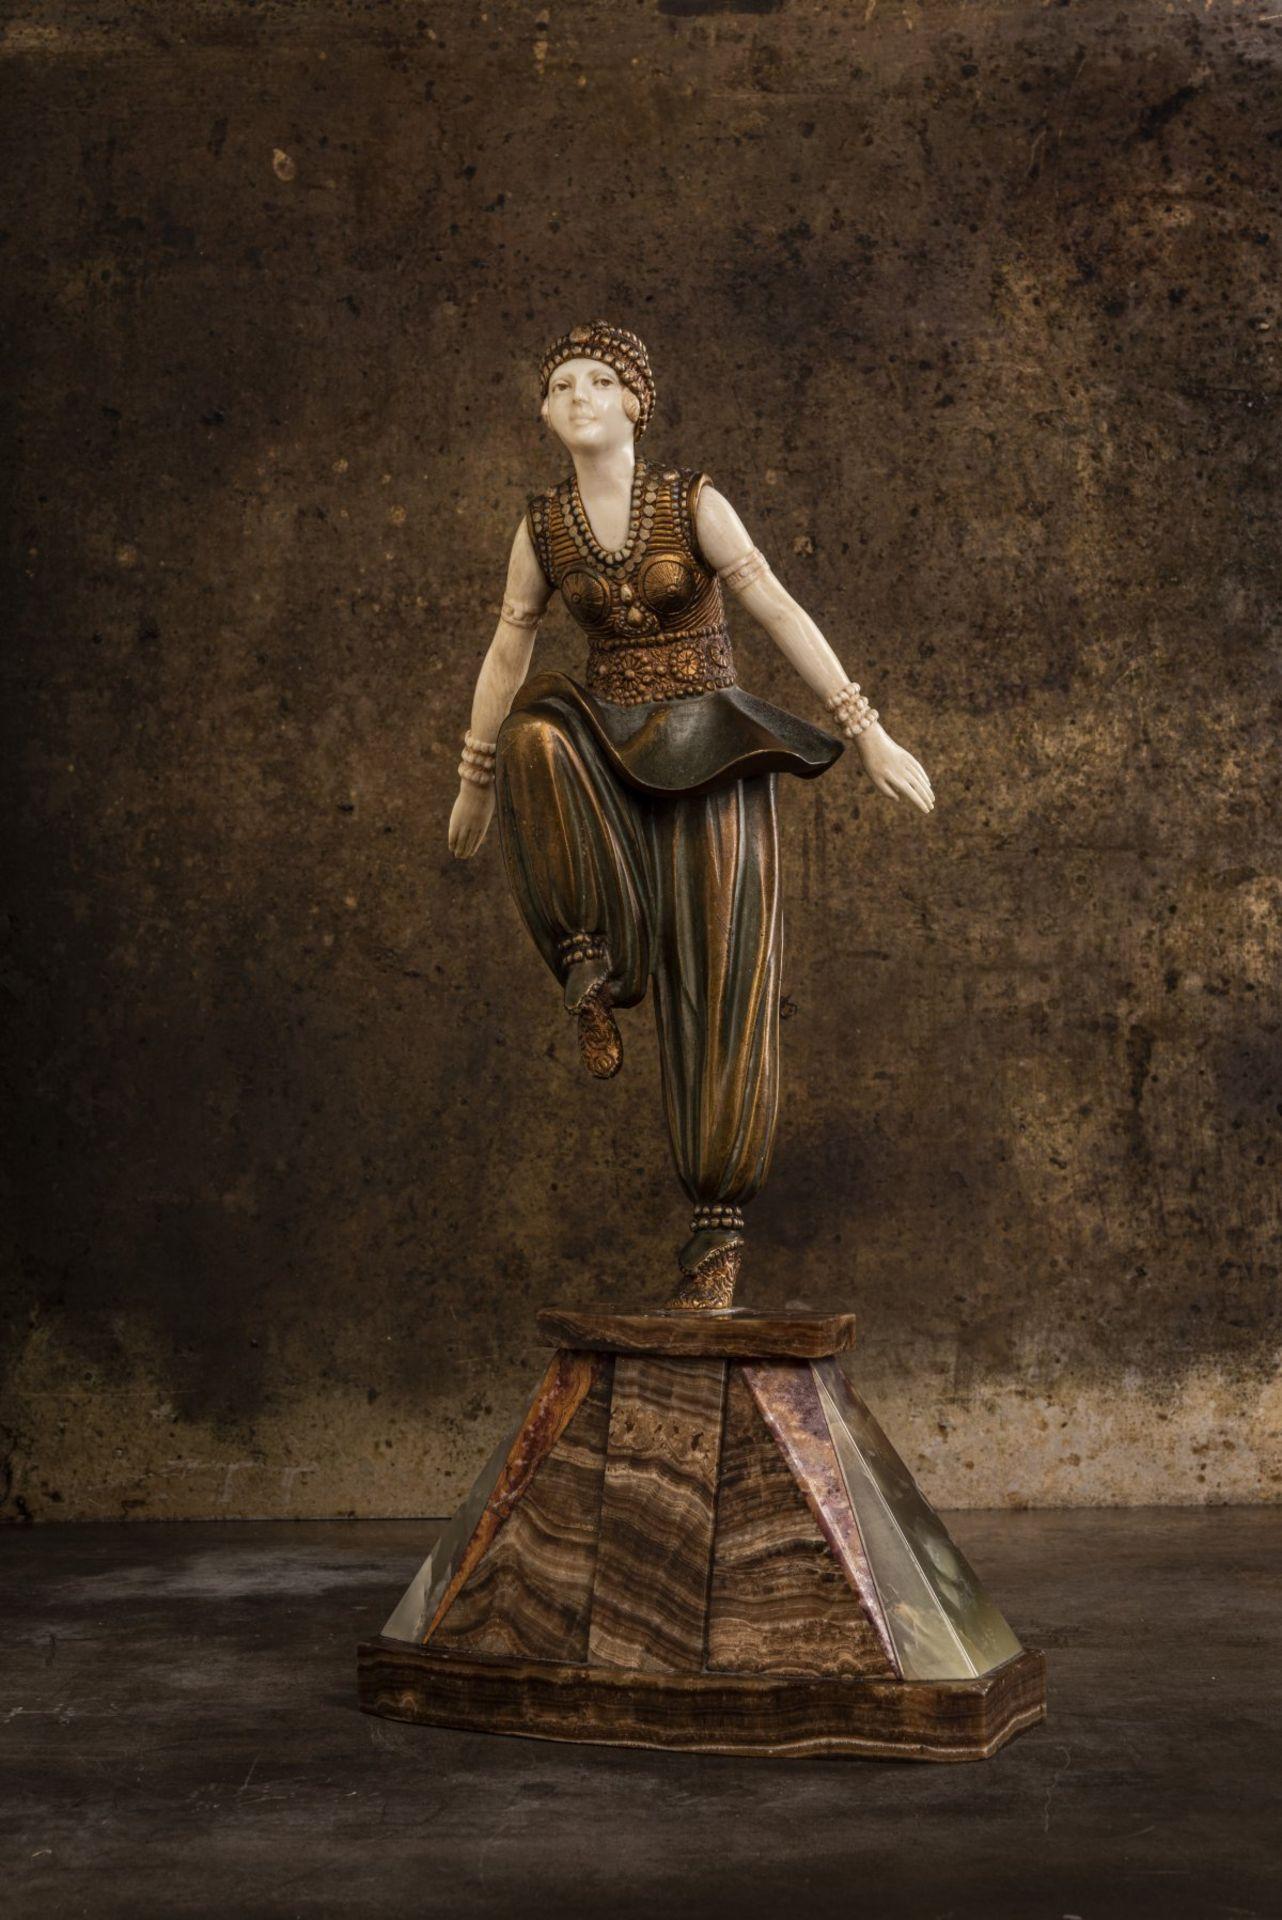 Demètre H. Chiparus, 'Orientalische Tänzerin', um 1925 - Bild 8 aus 9